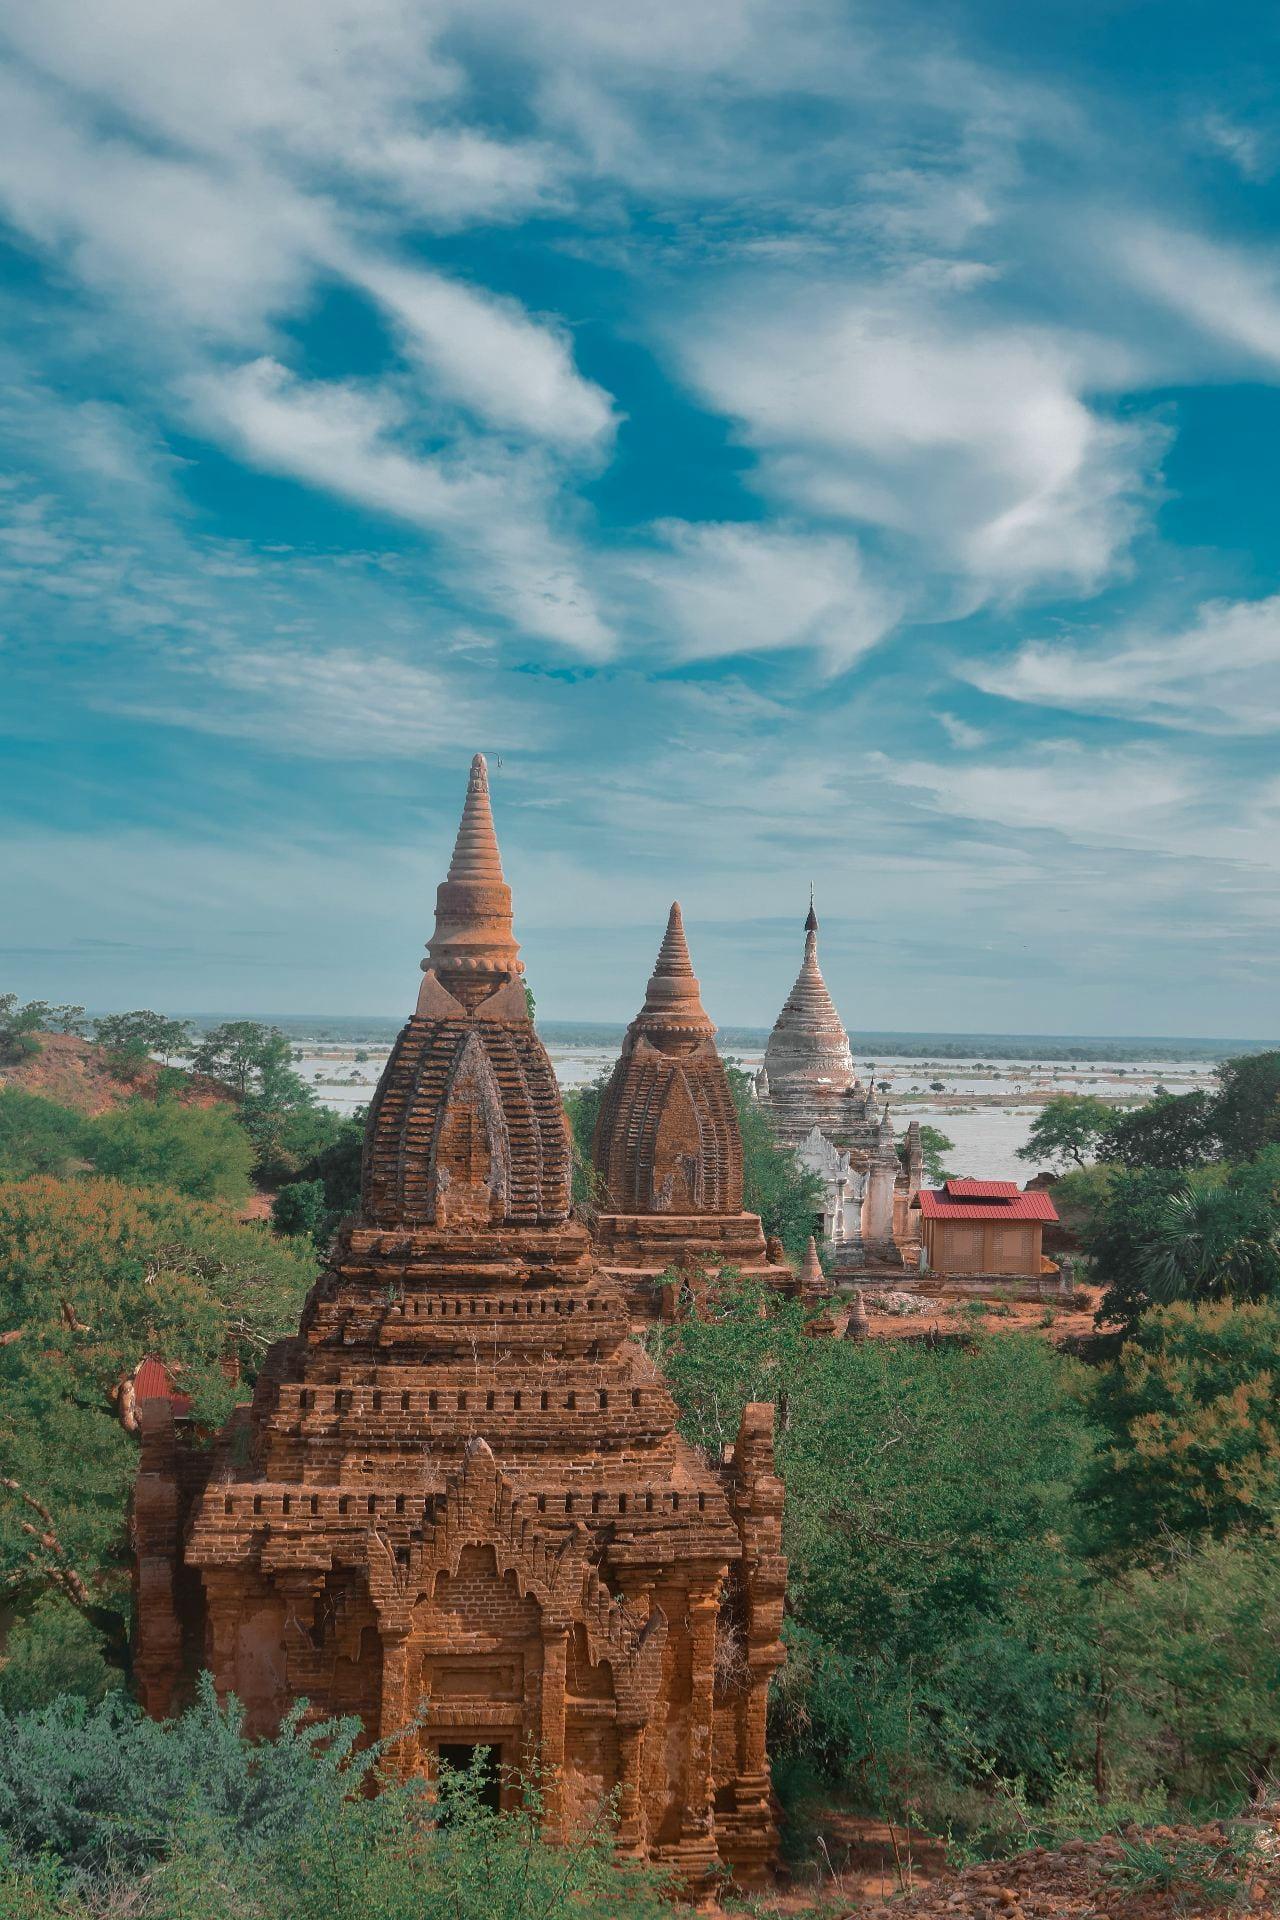 Aerial view of Bagan, Myanmar